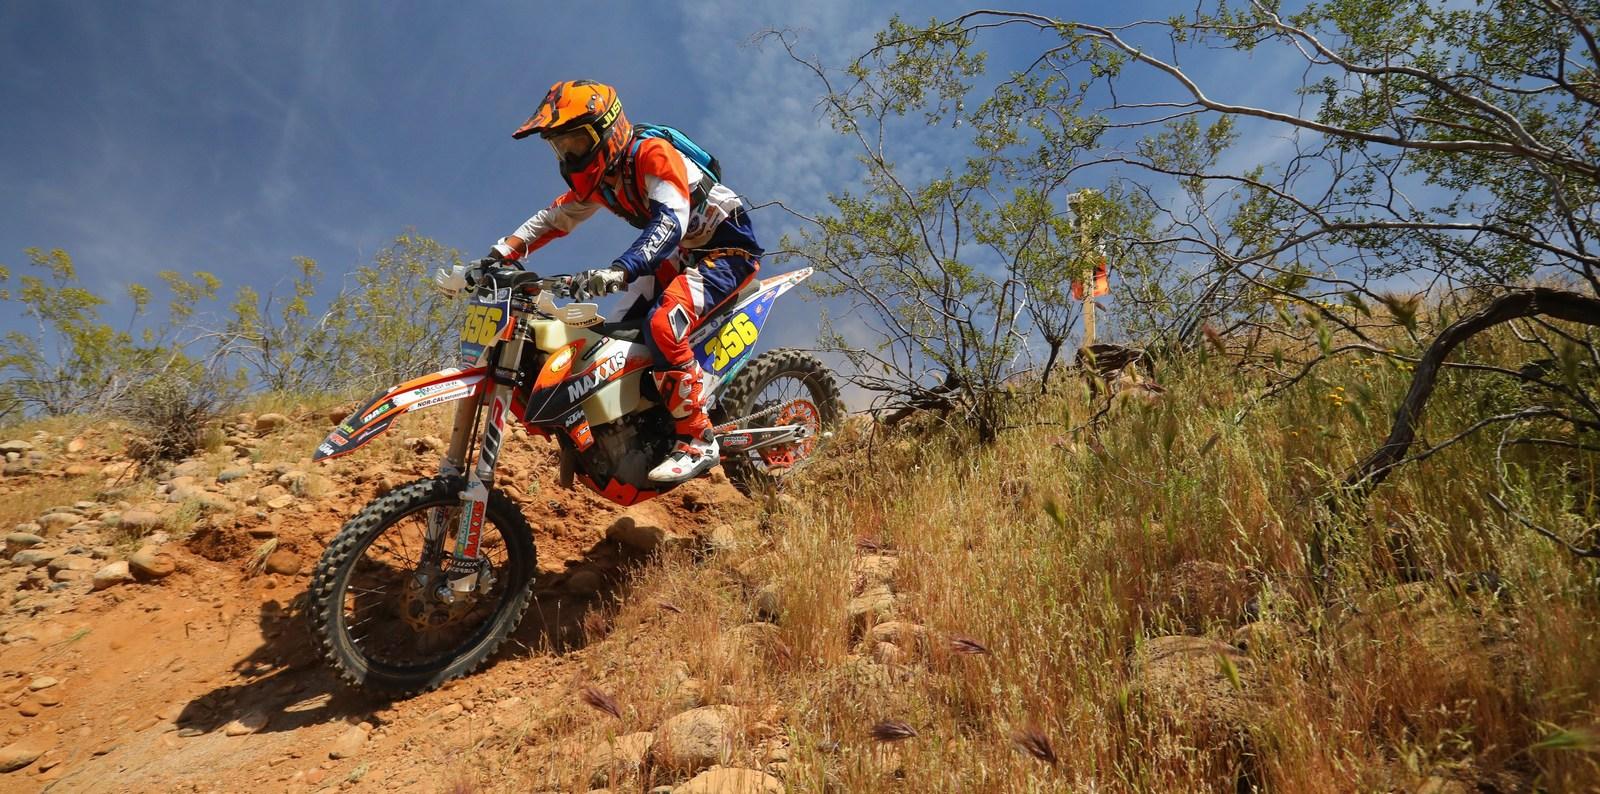 2019-04-dante-oliveira-worcs-racing